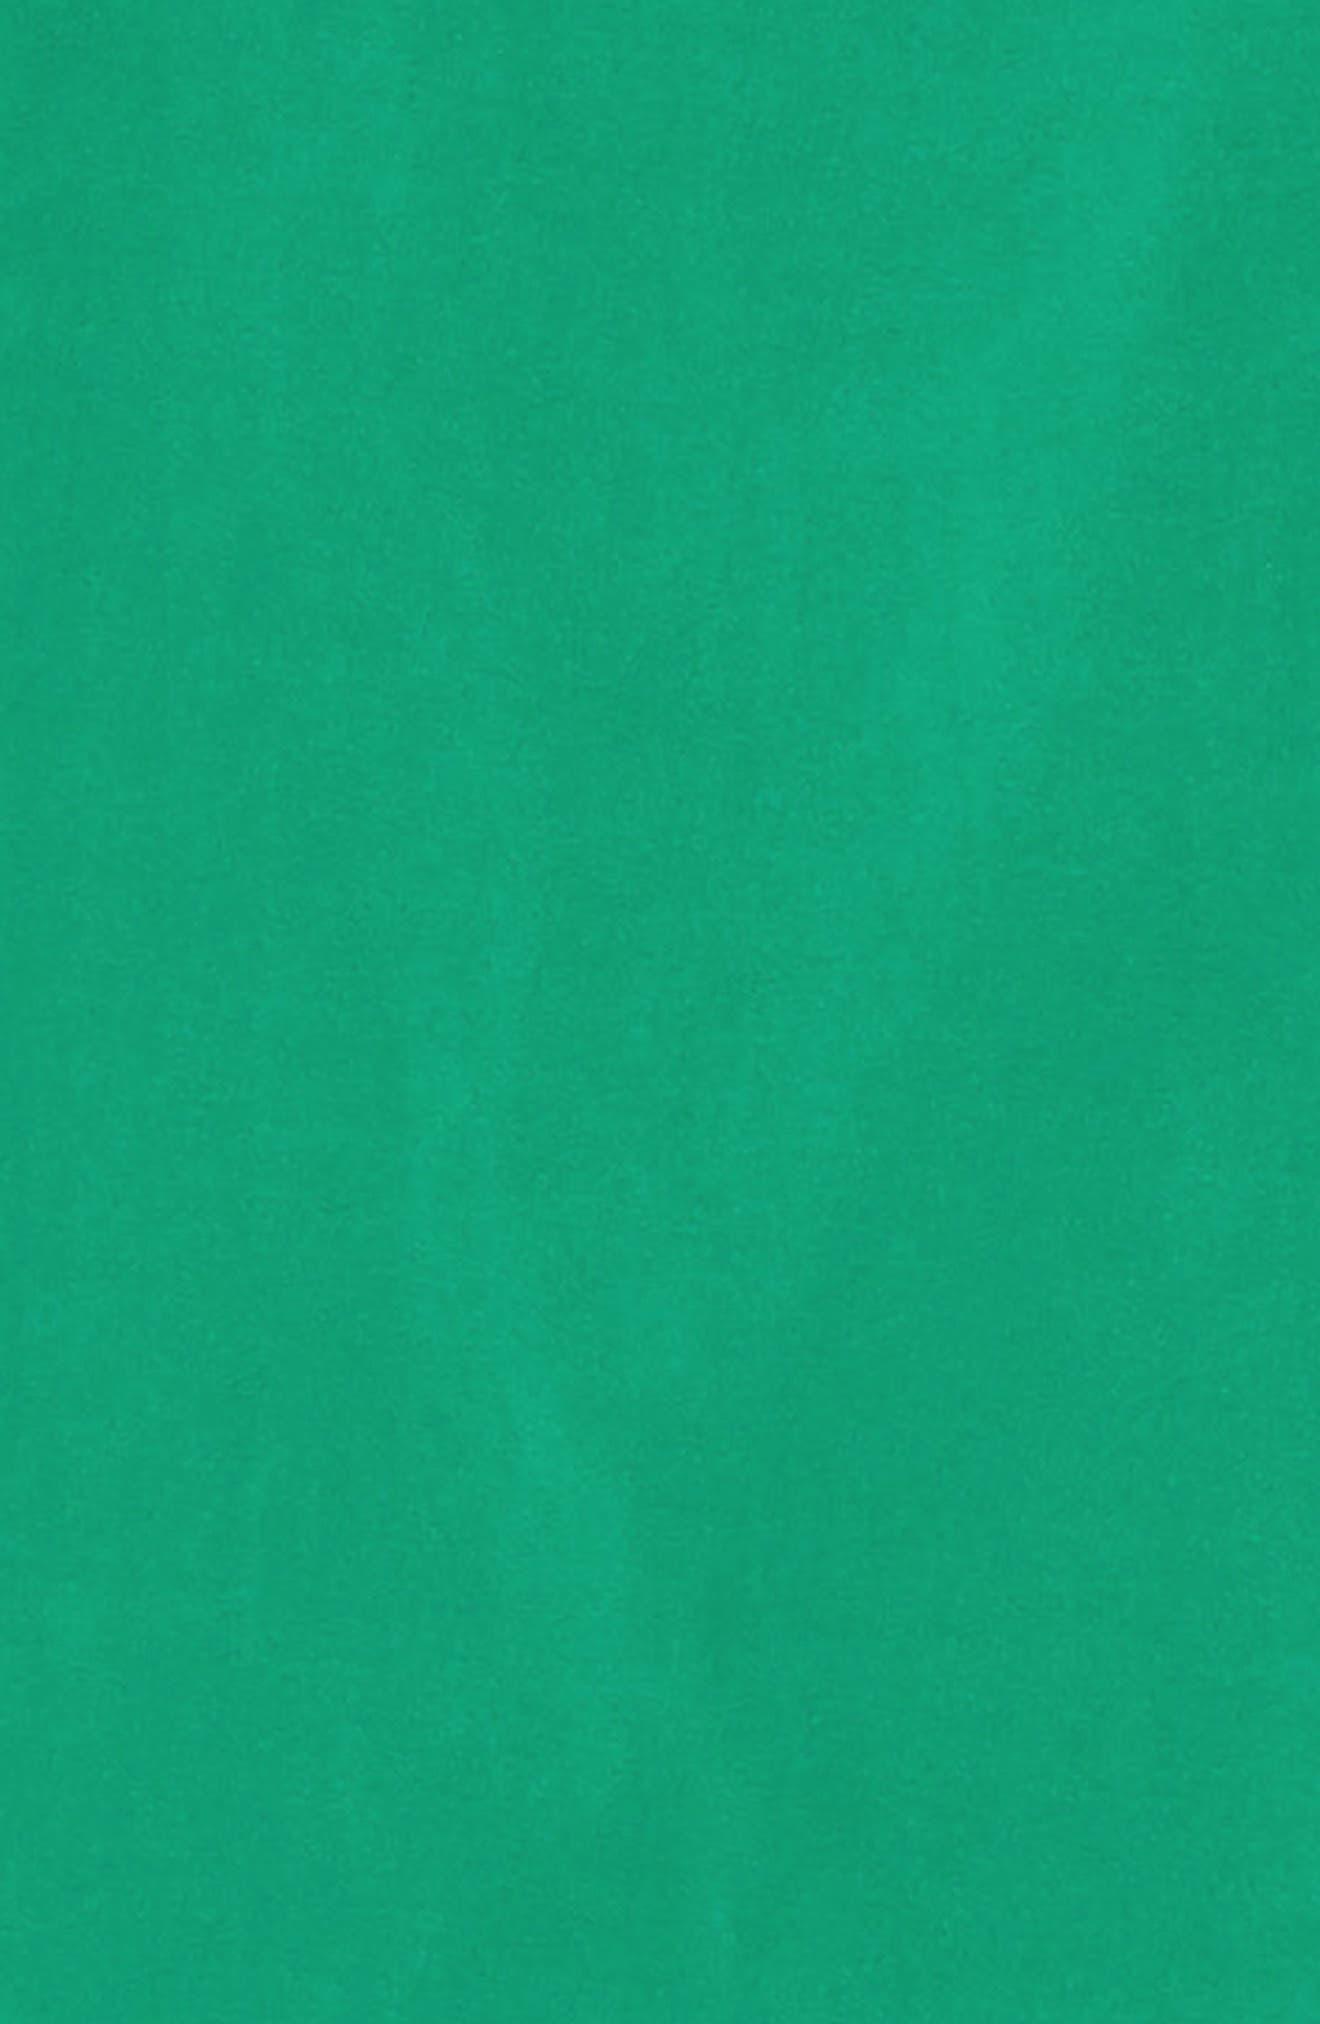 Animal One-Piece Hooded Pajamas,                             Alternate thumbnail 3, color,                             GREEN GENIUS DINO